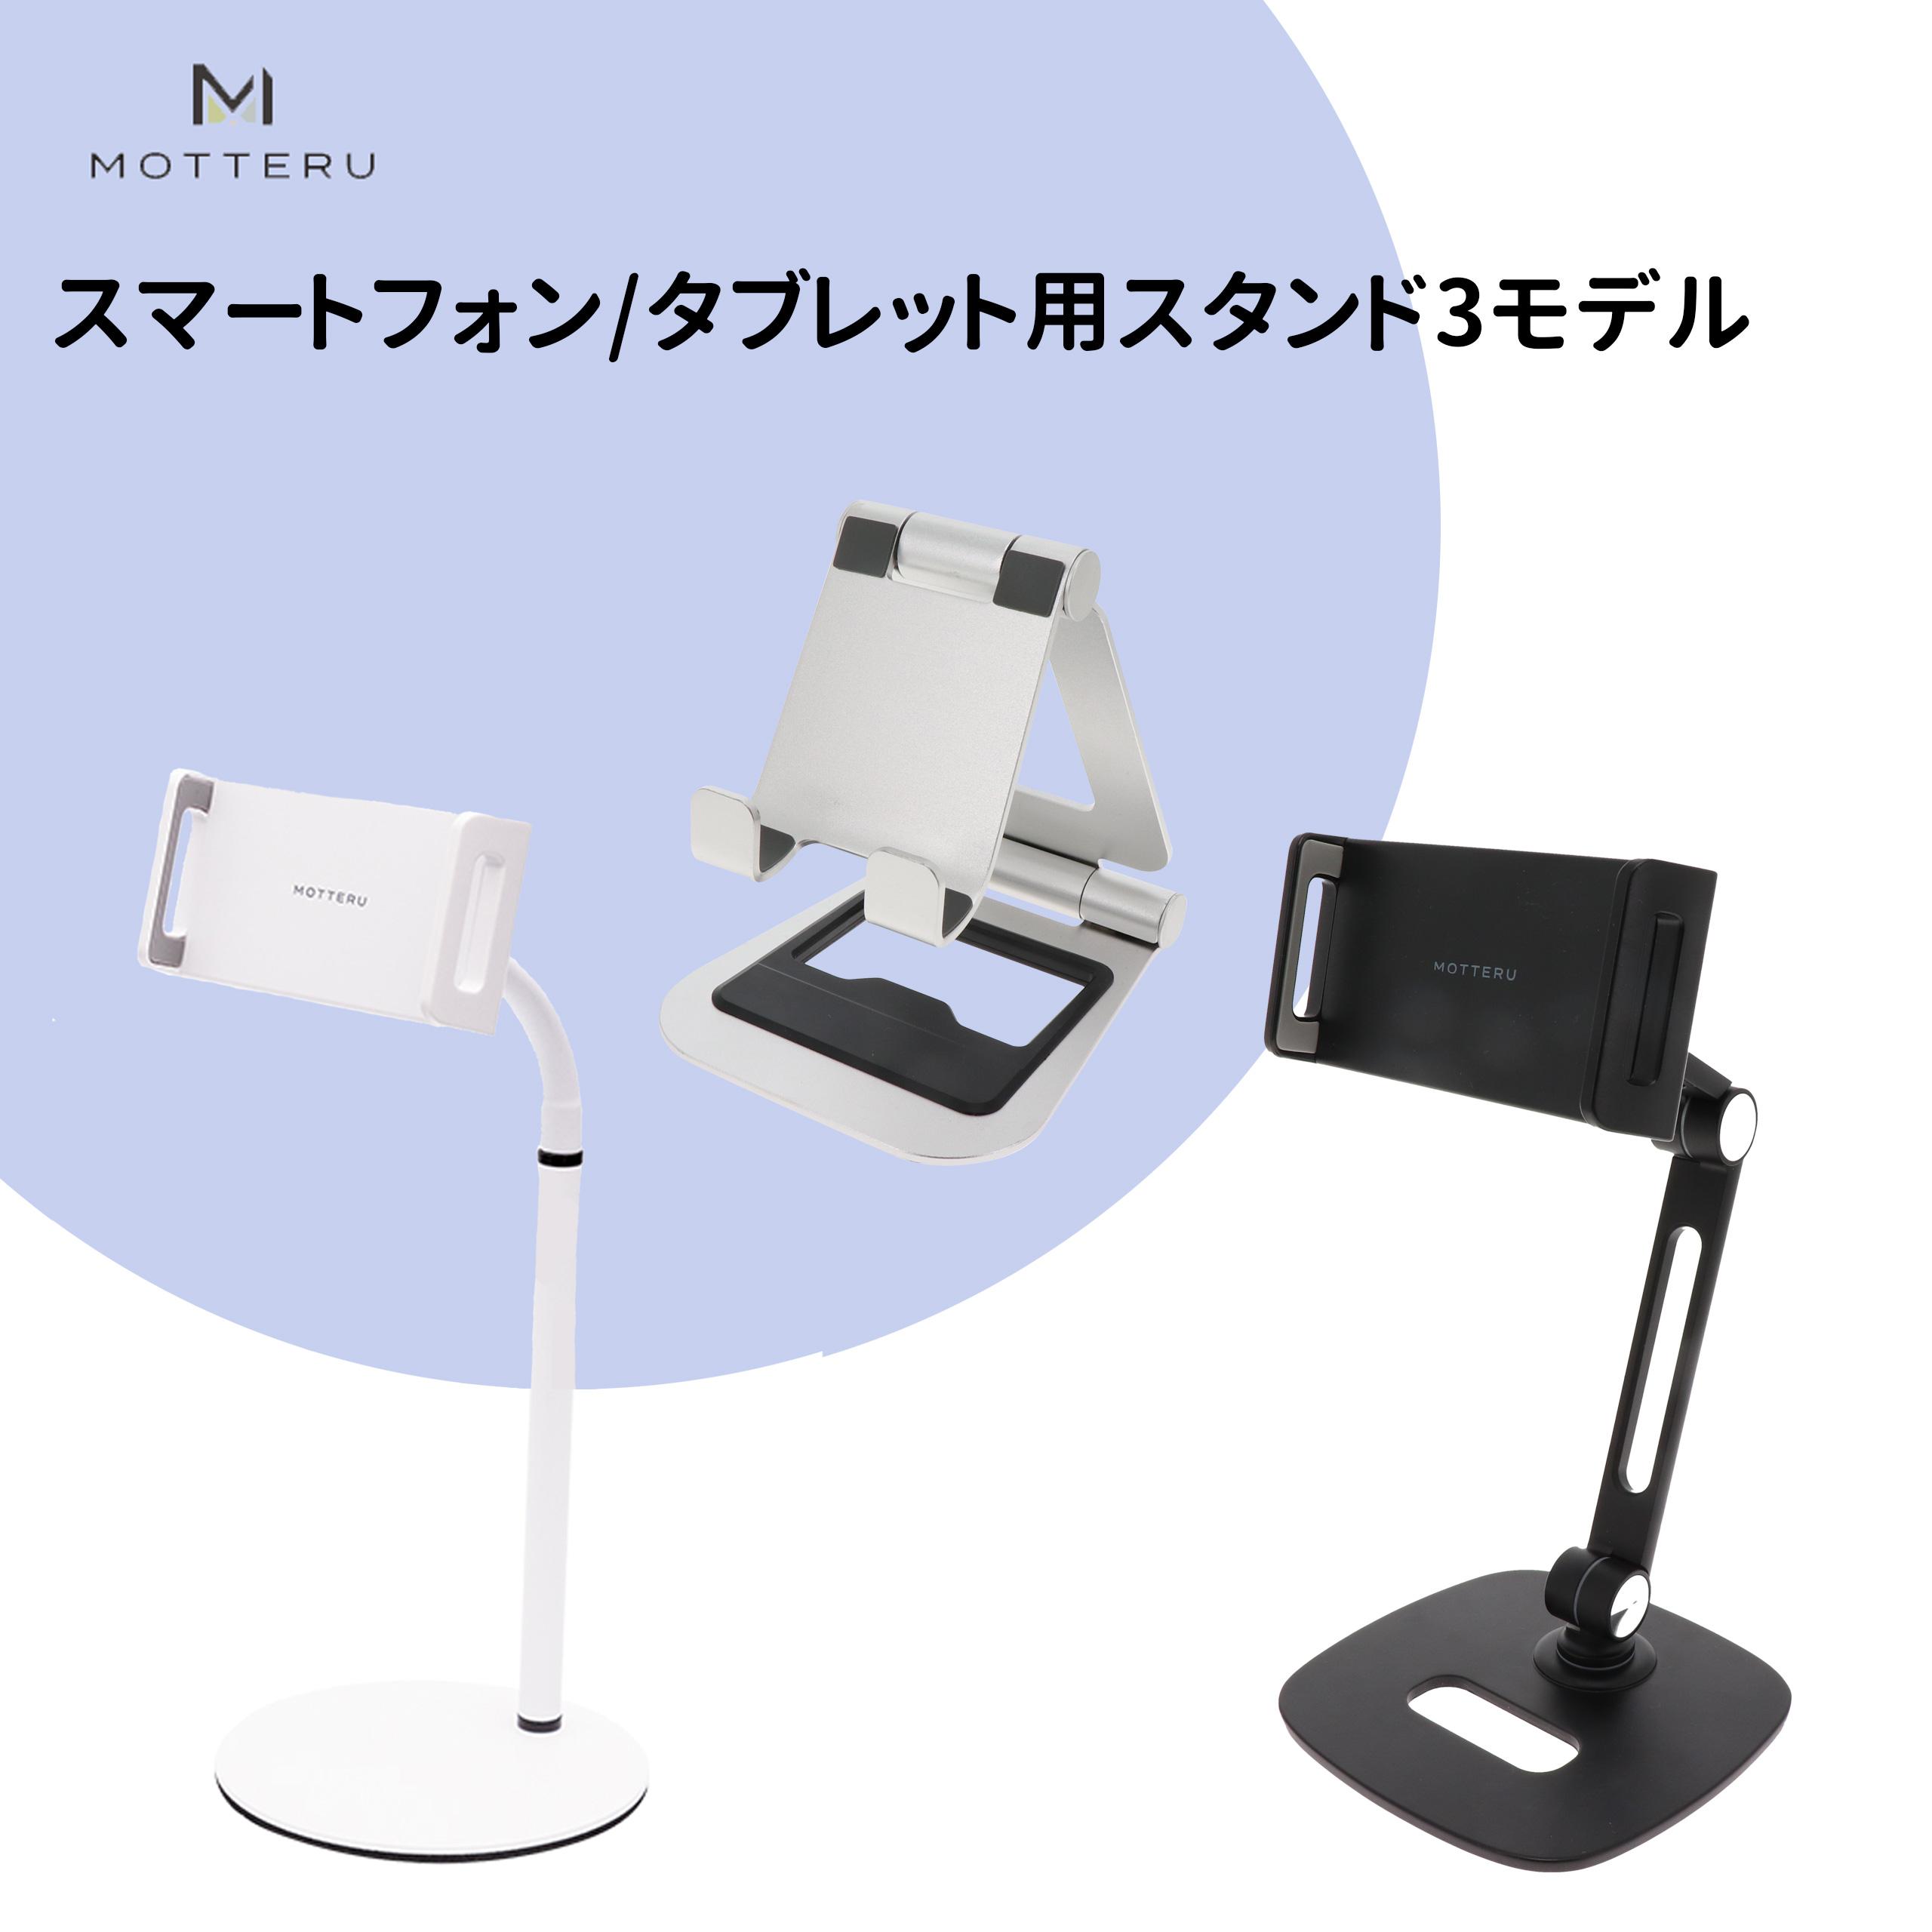 用途に合わせて使える!スマートフォン/タブレットスタンド3 モデルを発売